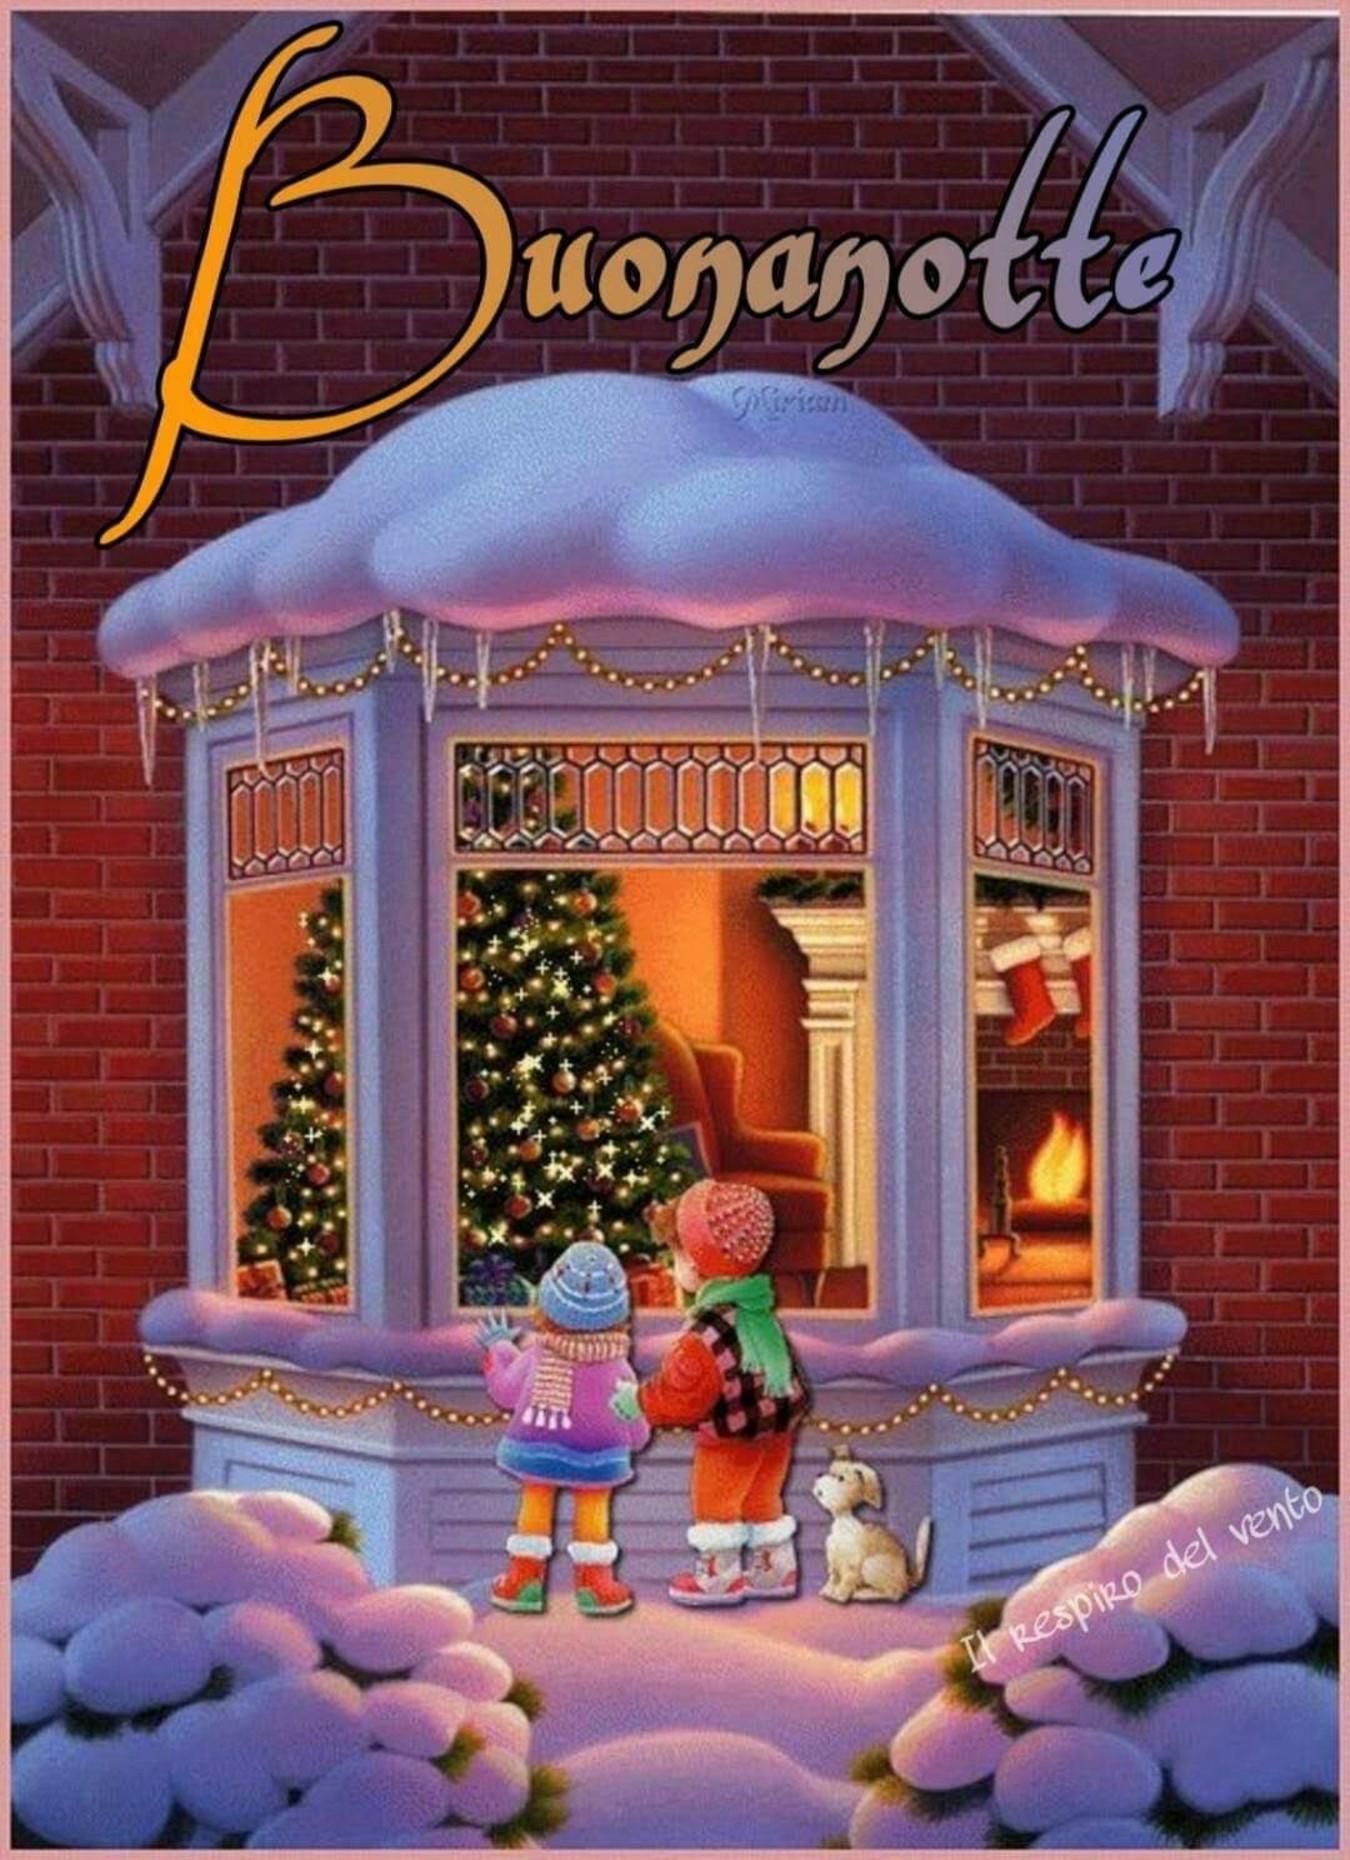 Immagini Buonanotte natalizie 7